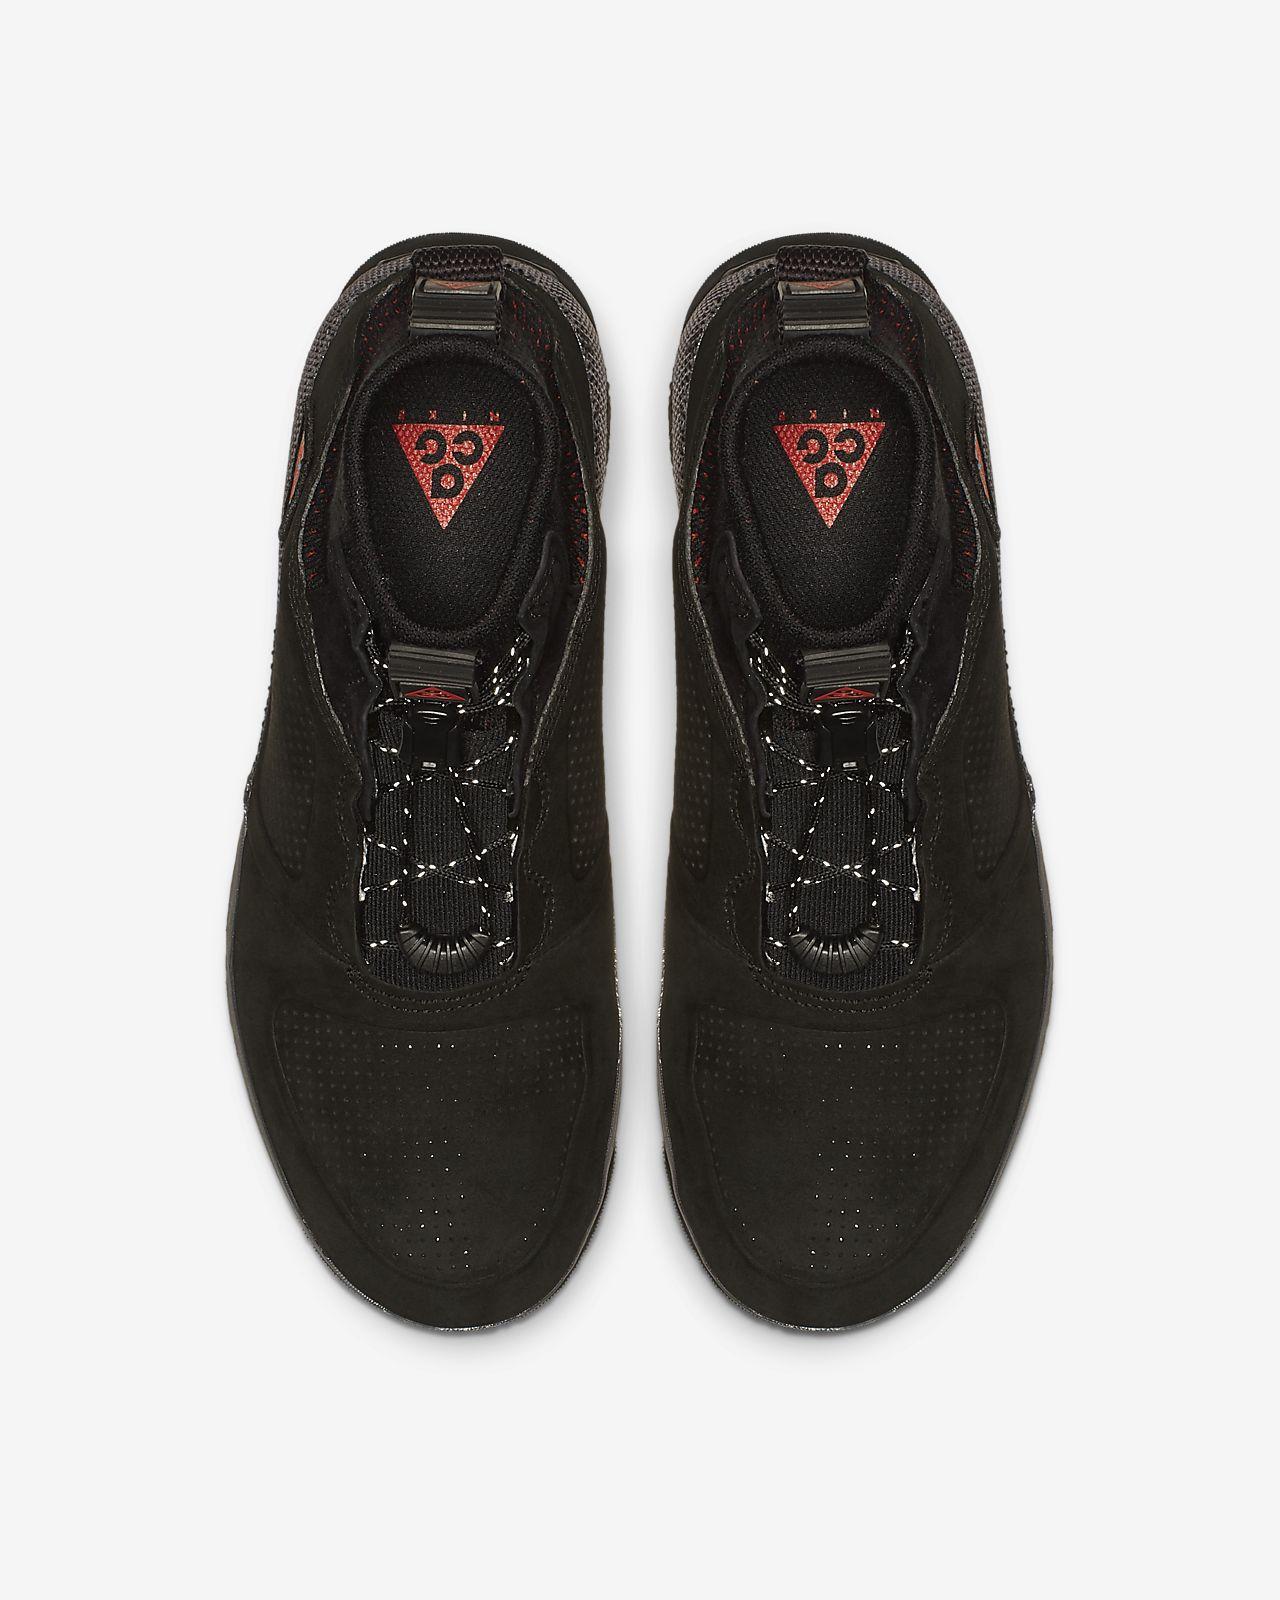 on sale a489d 1b702 ... Nike ACG Ruckel Ridge Men s Shoe